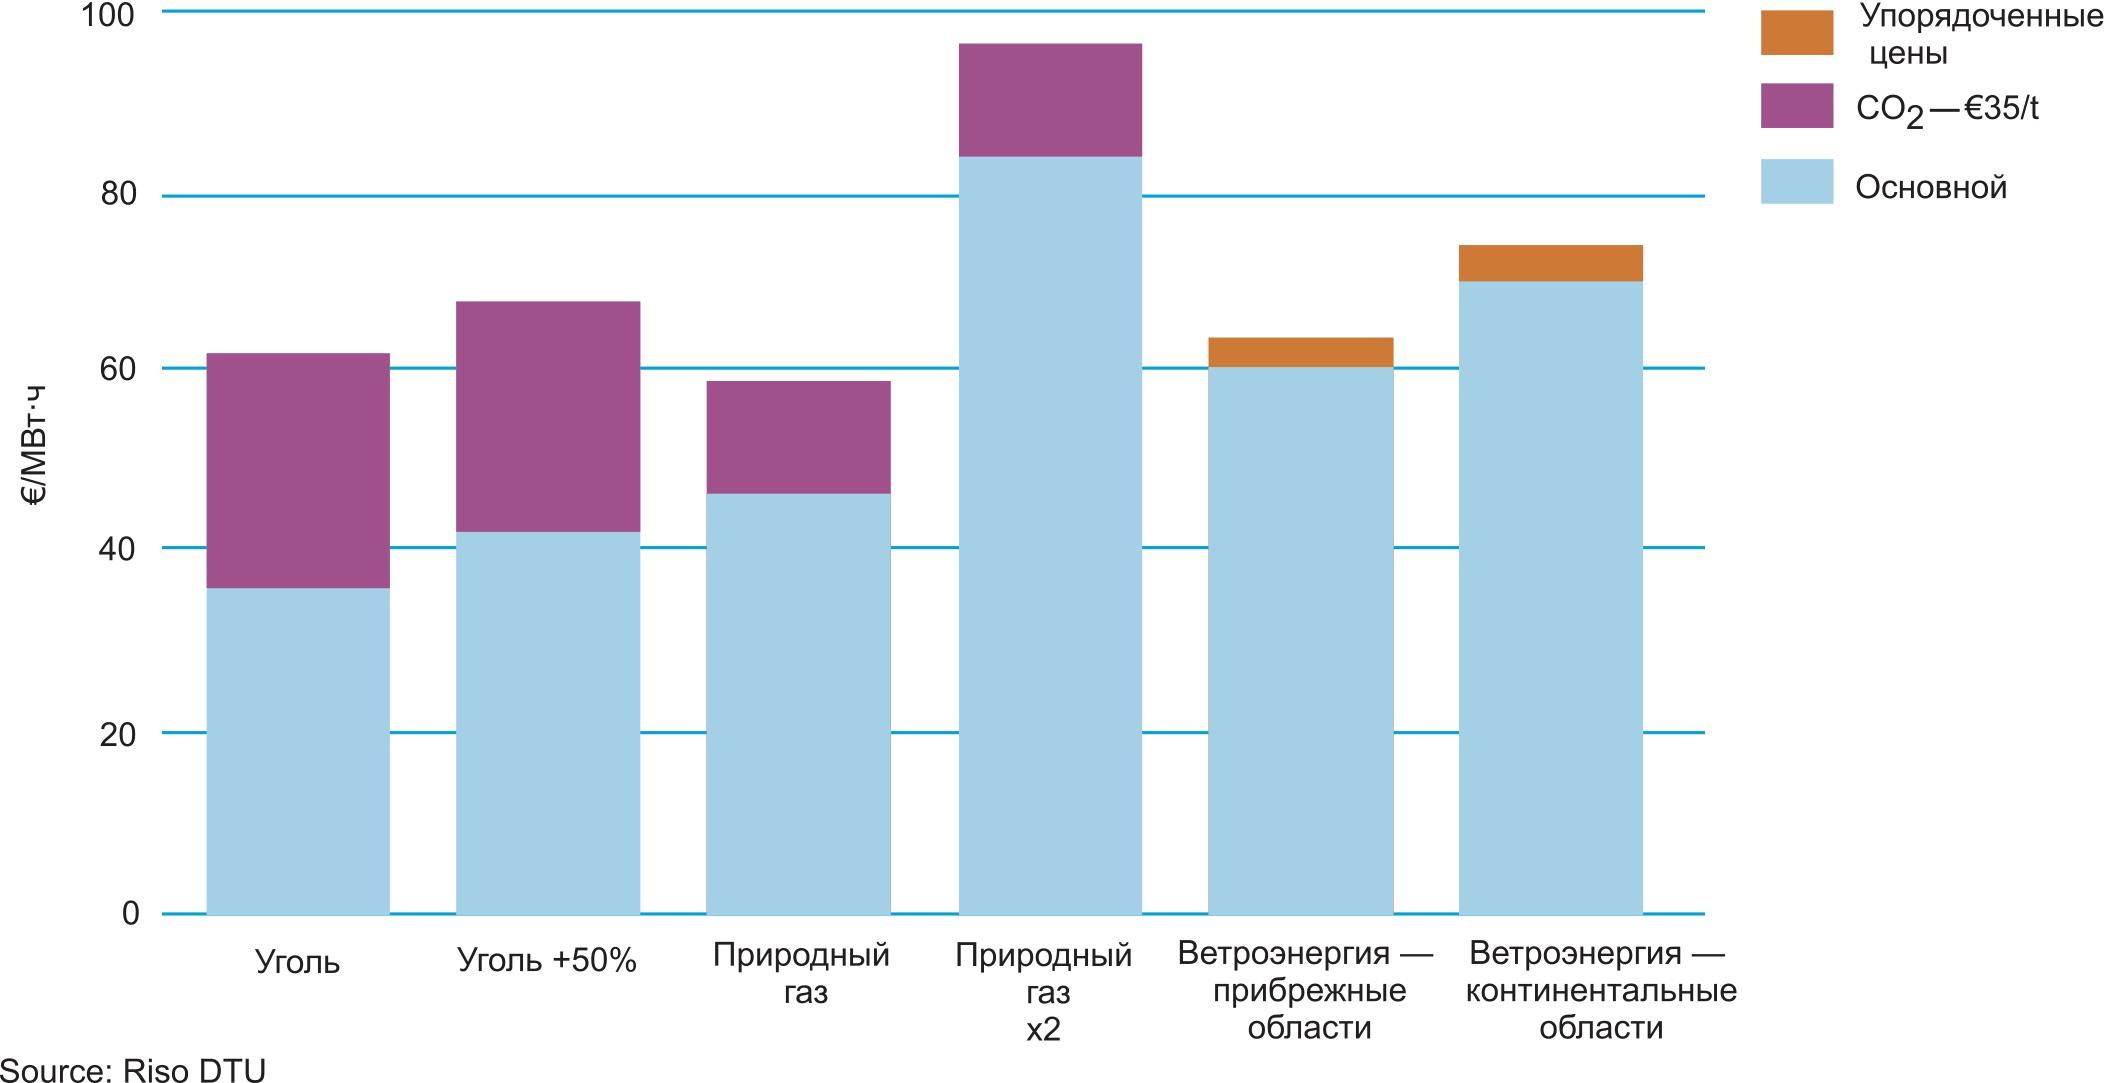 Анализ чувствительности стоимости выработки ветроэнергии и традиционных видов энергии при условии увеличения цен на топливо и CO2 в 2010 г.